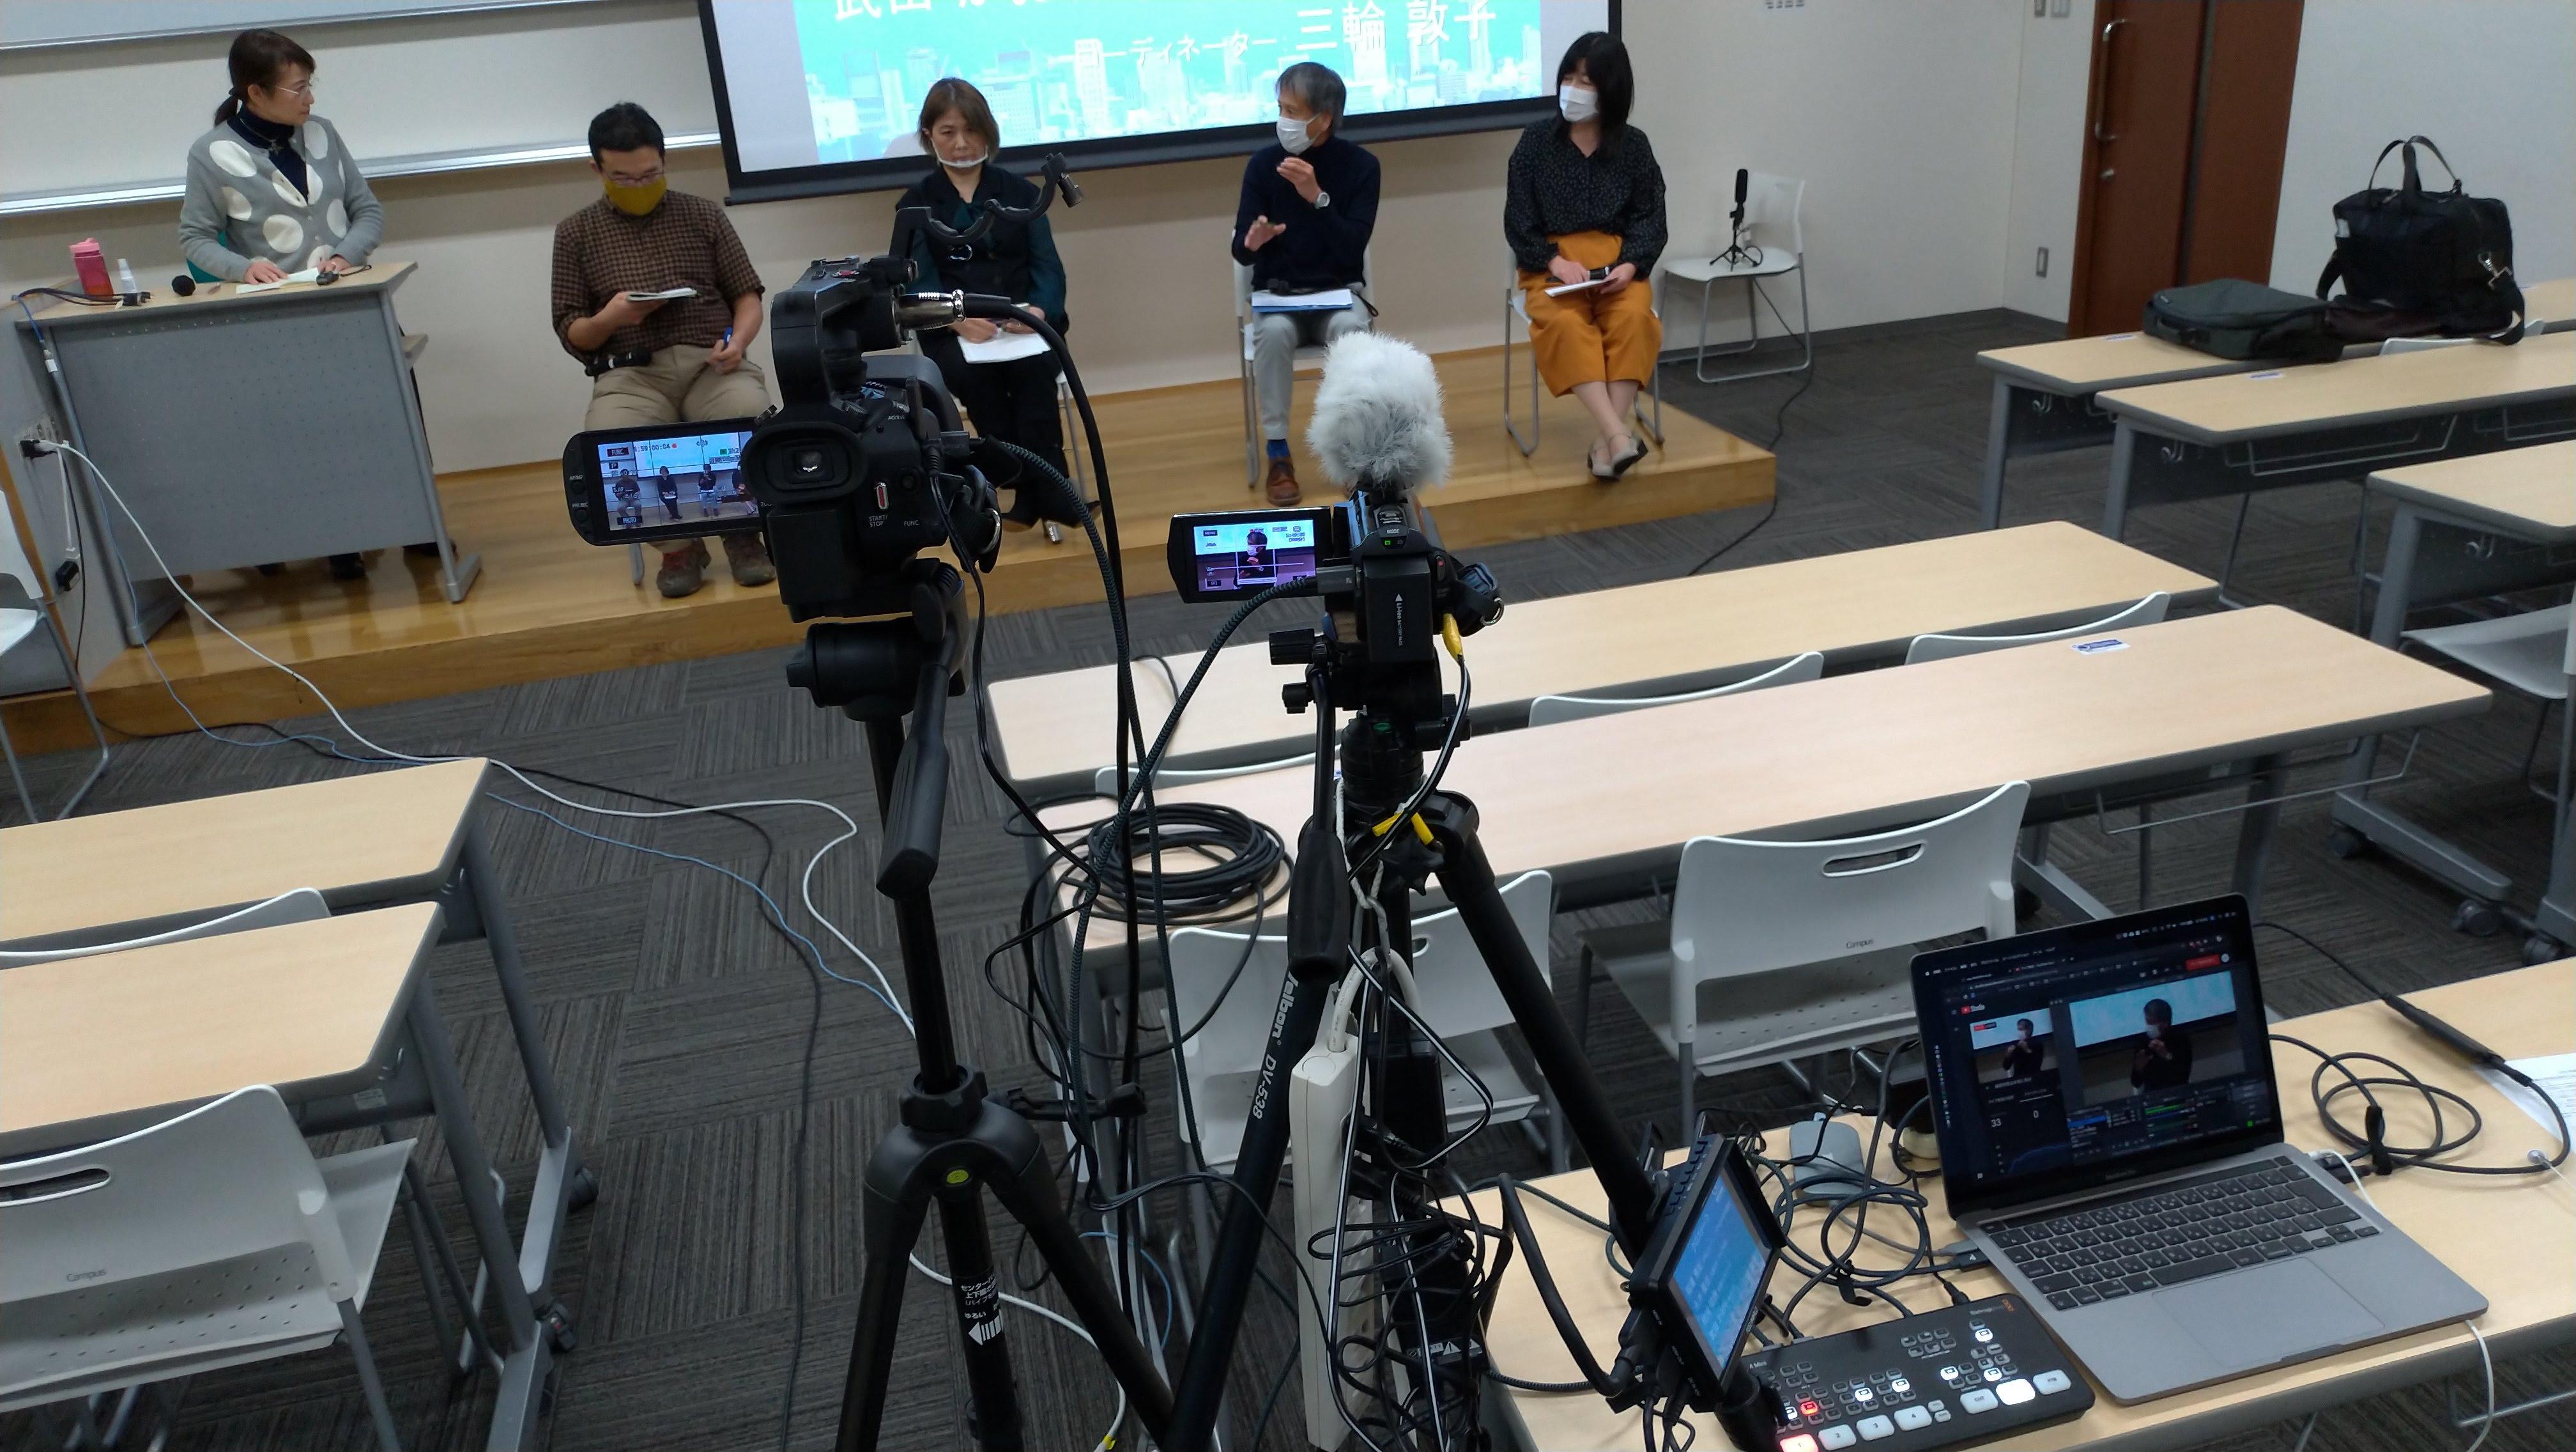 【制作実績】シンポジウムのYouTubeライブ配信をサポートいたしました|スタジオ・ボウズ